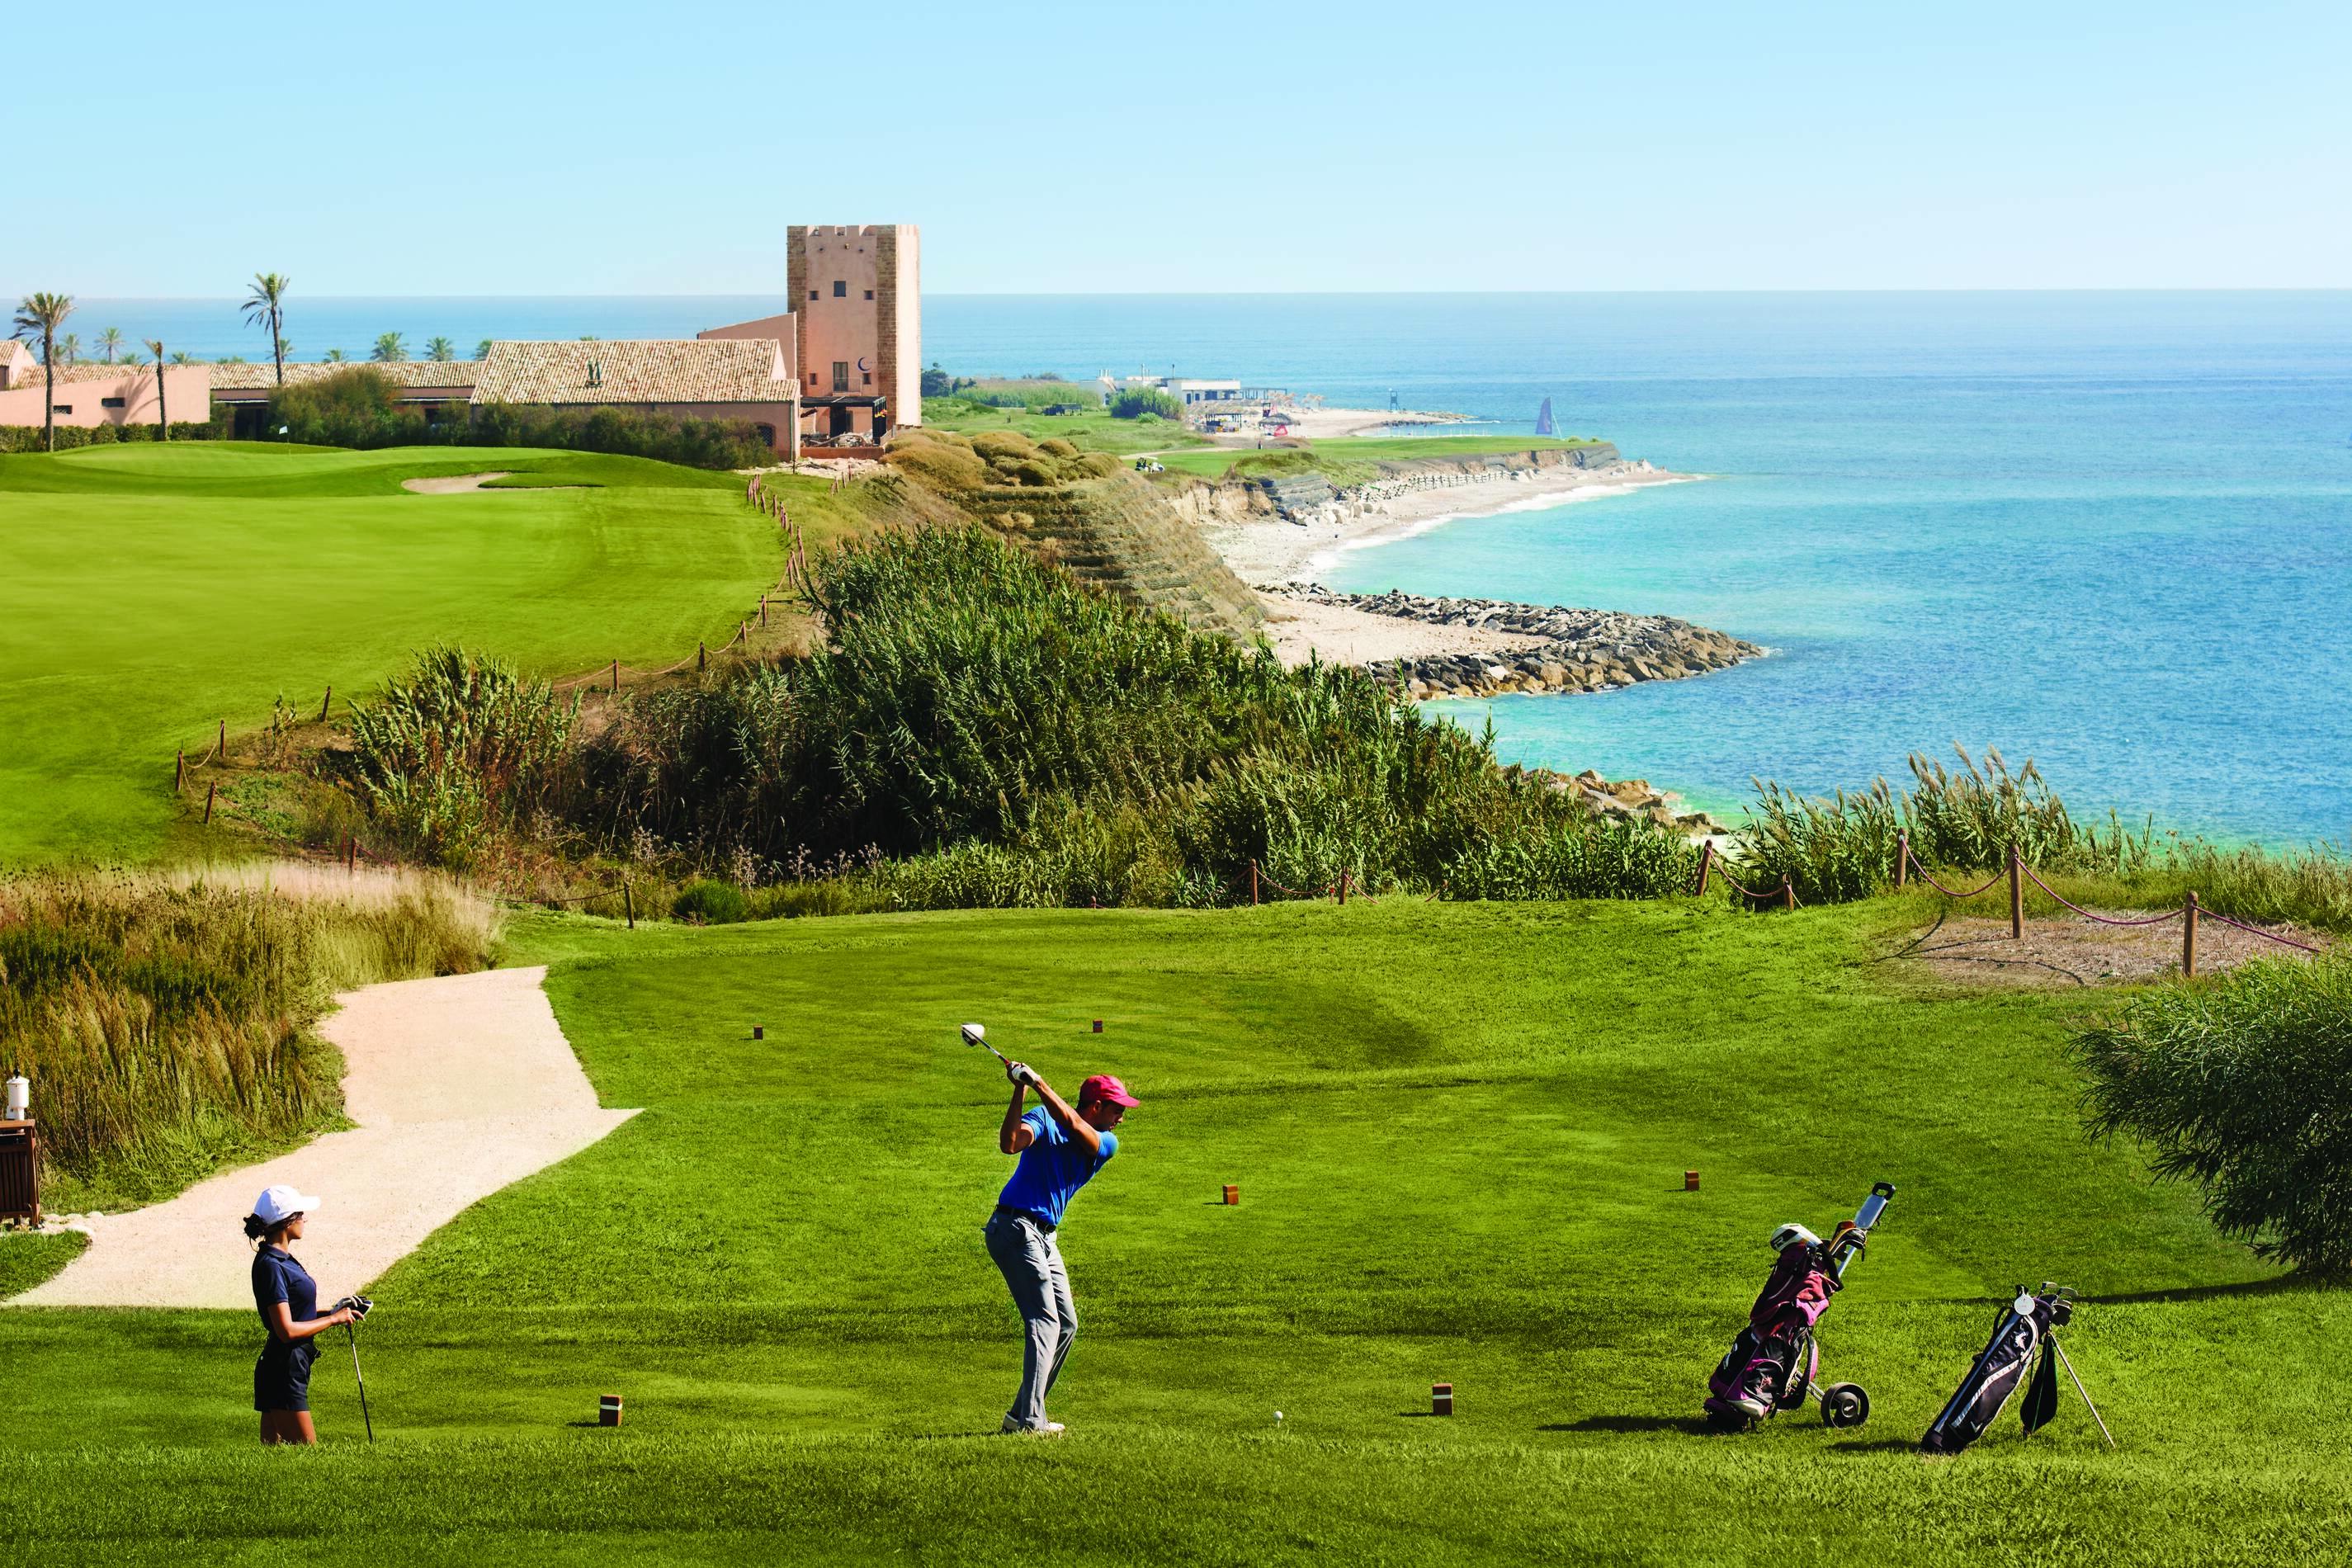 Verdura Sicile Rocco Forte Golf2